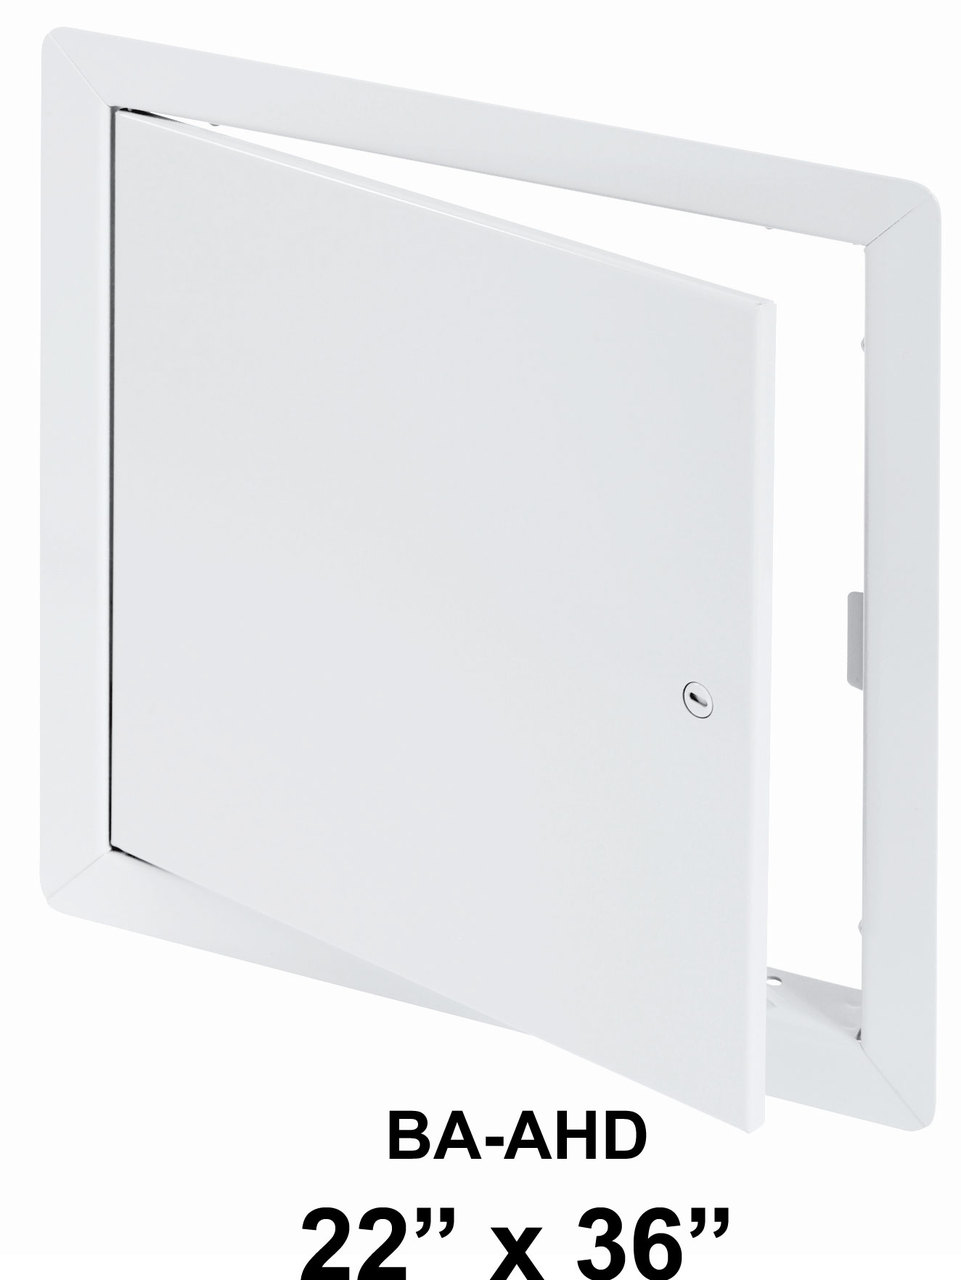 Best Access Door BA-AHD 22″ x 36″ General Purpose Door with Flange